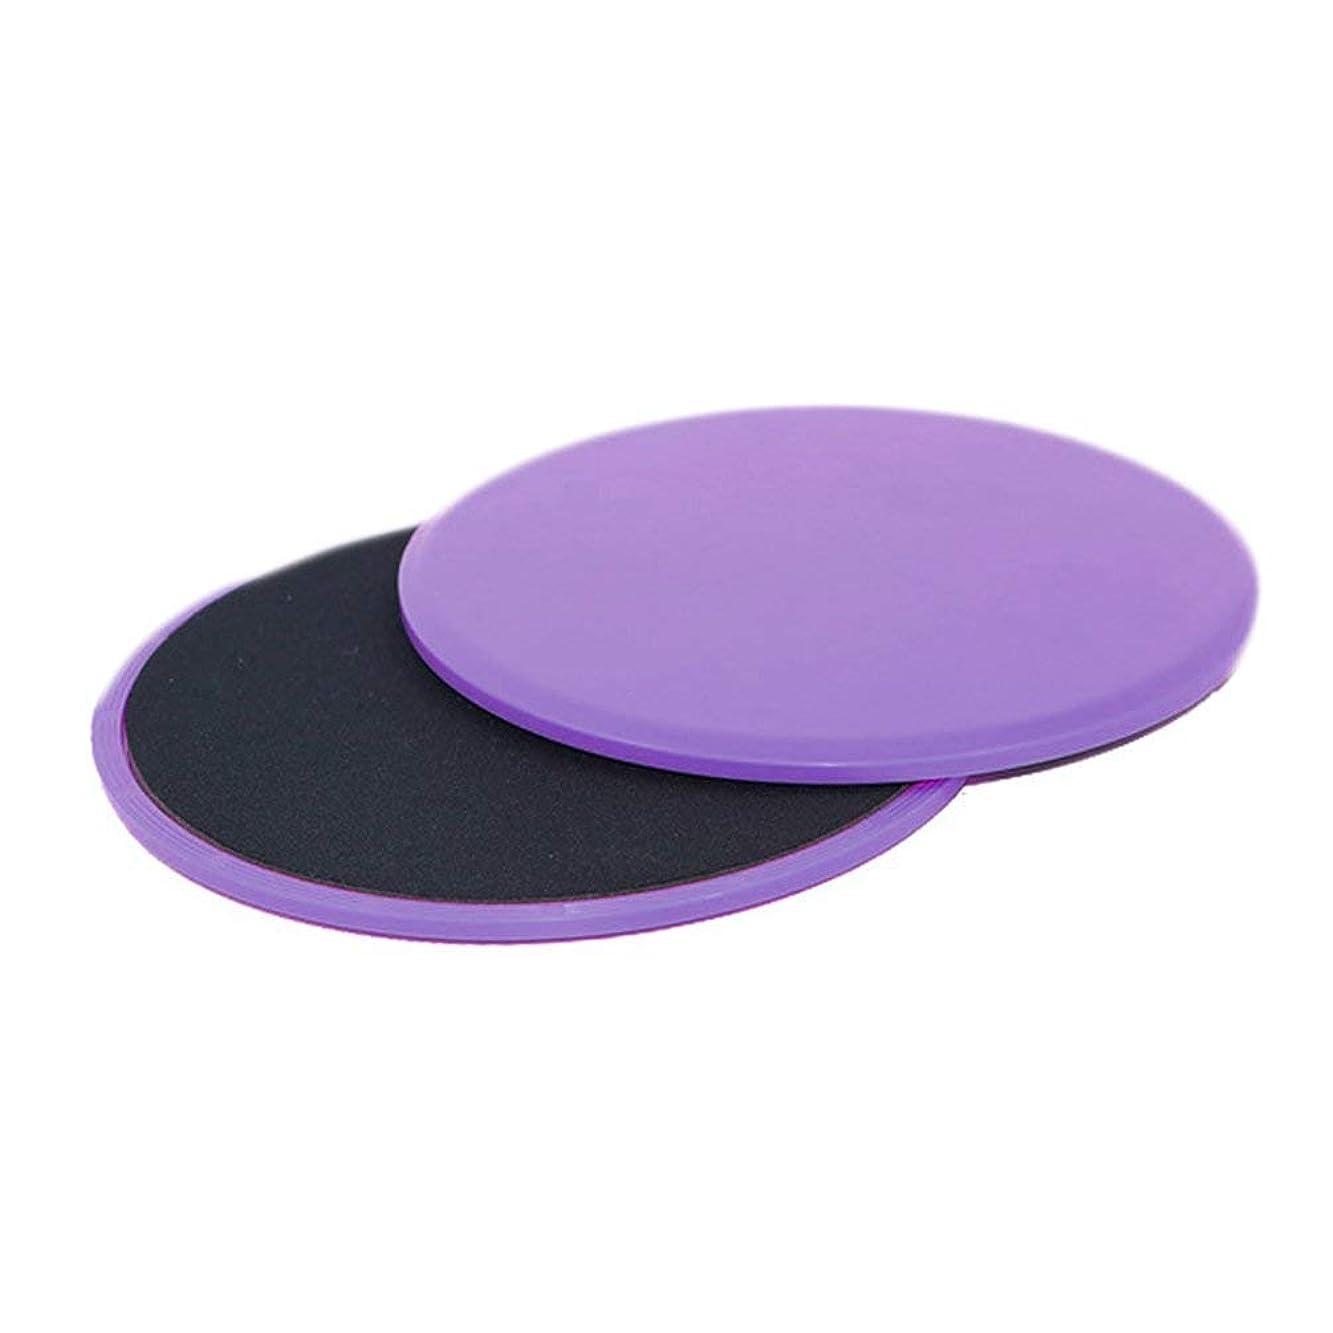 パンツベースソースフィットネススライドグライディングディスク調整能力フィットネスエクササイズスライダーコアトレーニング腹部と全身トレーニング - パープル